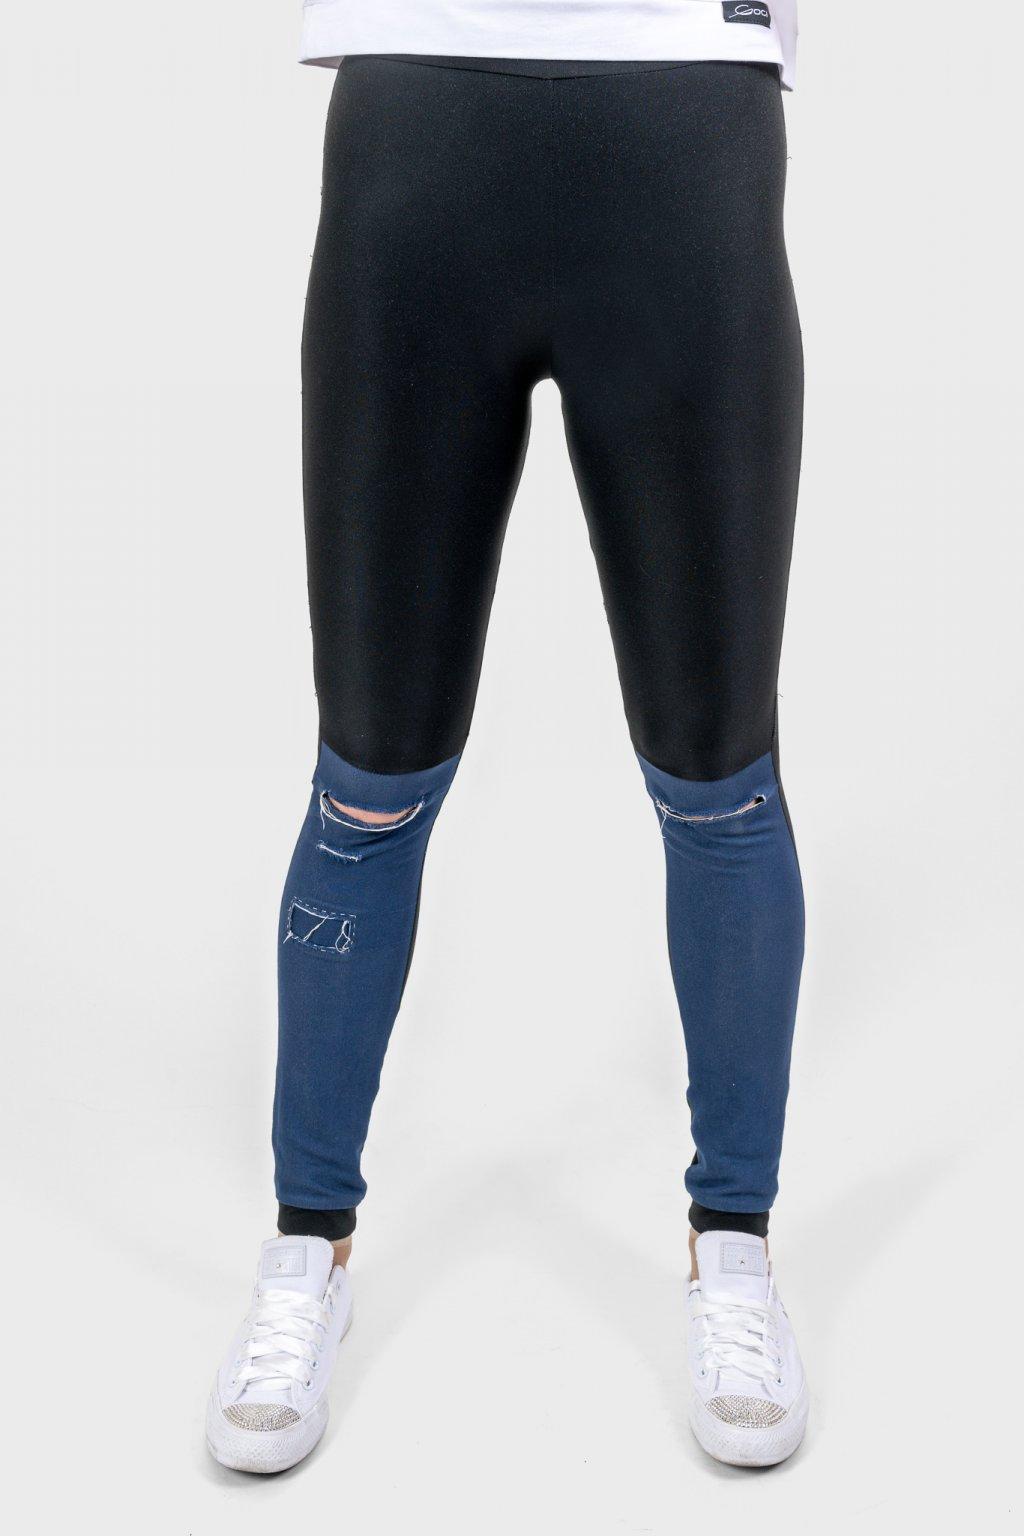 Dámské legíny legs cuts černo modré s prostřihy Goci